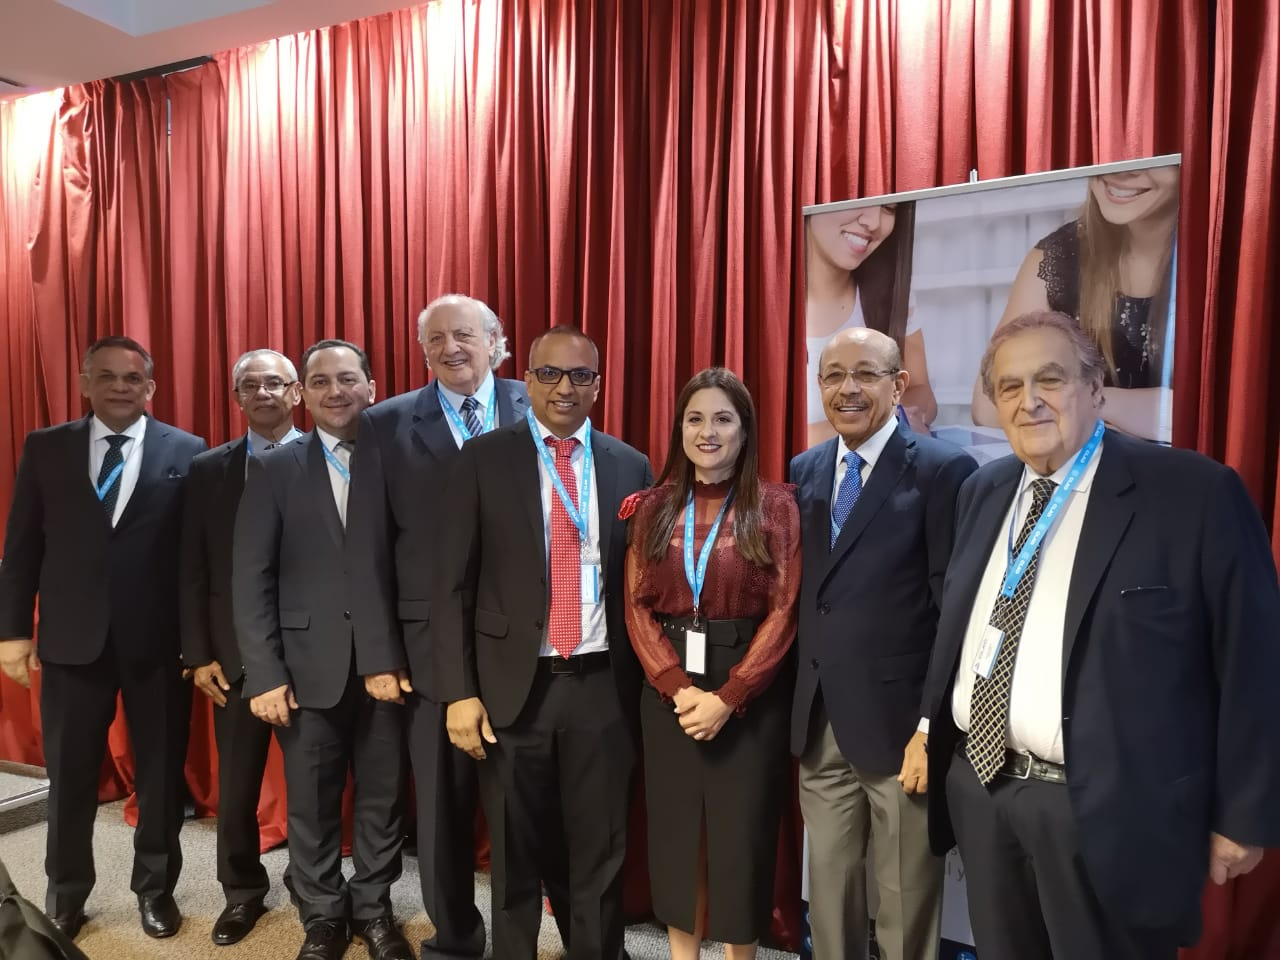 ICAP ofreció un panel estratégico sobre política fiscal en el XXIV Congreso Internacional del CLAD